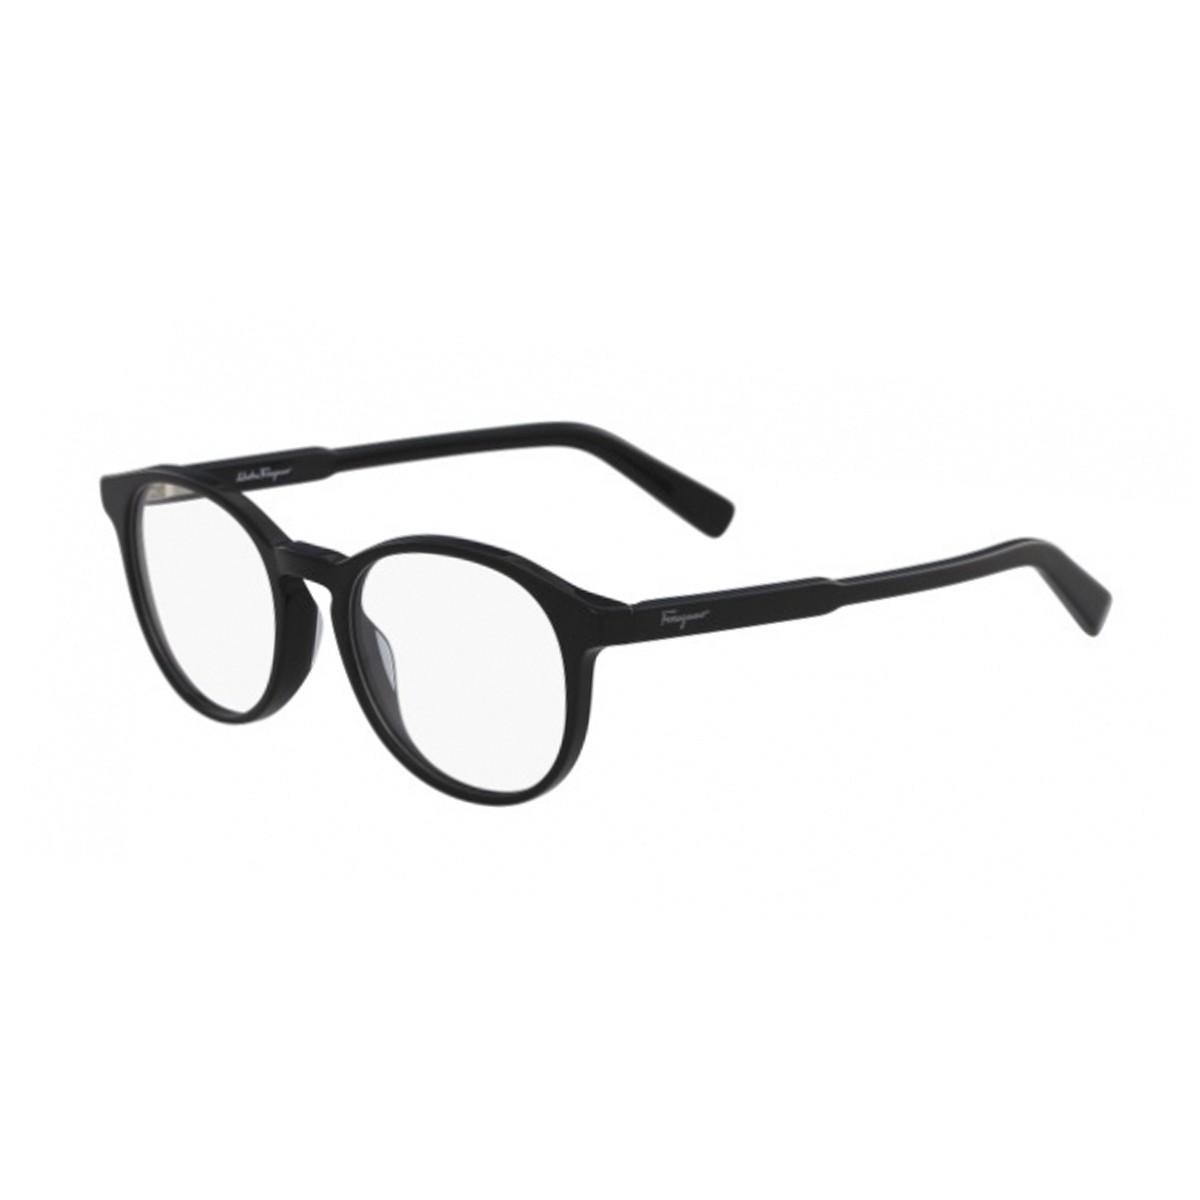 Salvatore Ferragamo SF2818   Occhiali da vista Unisex